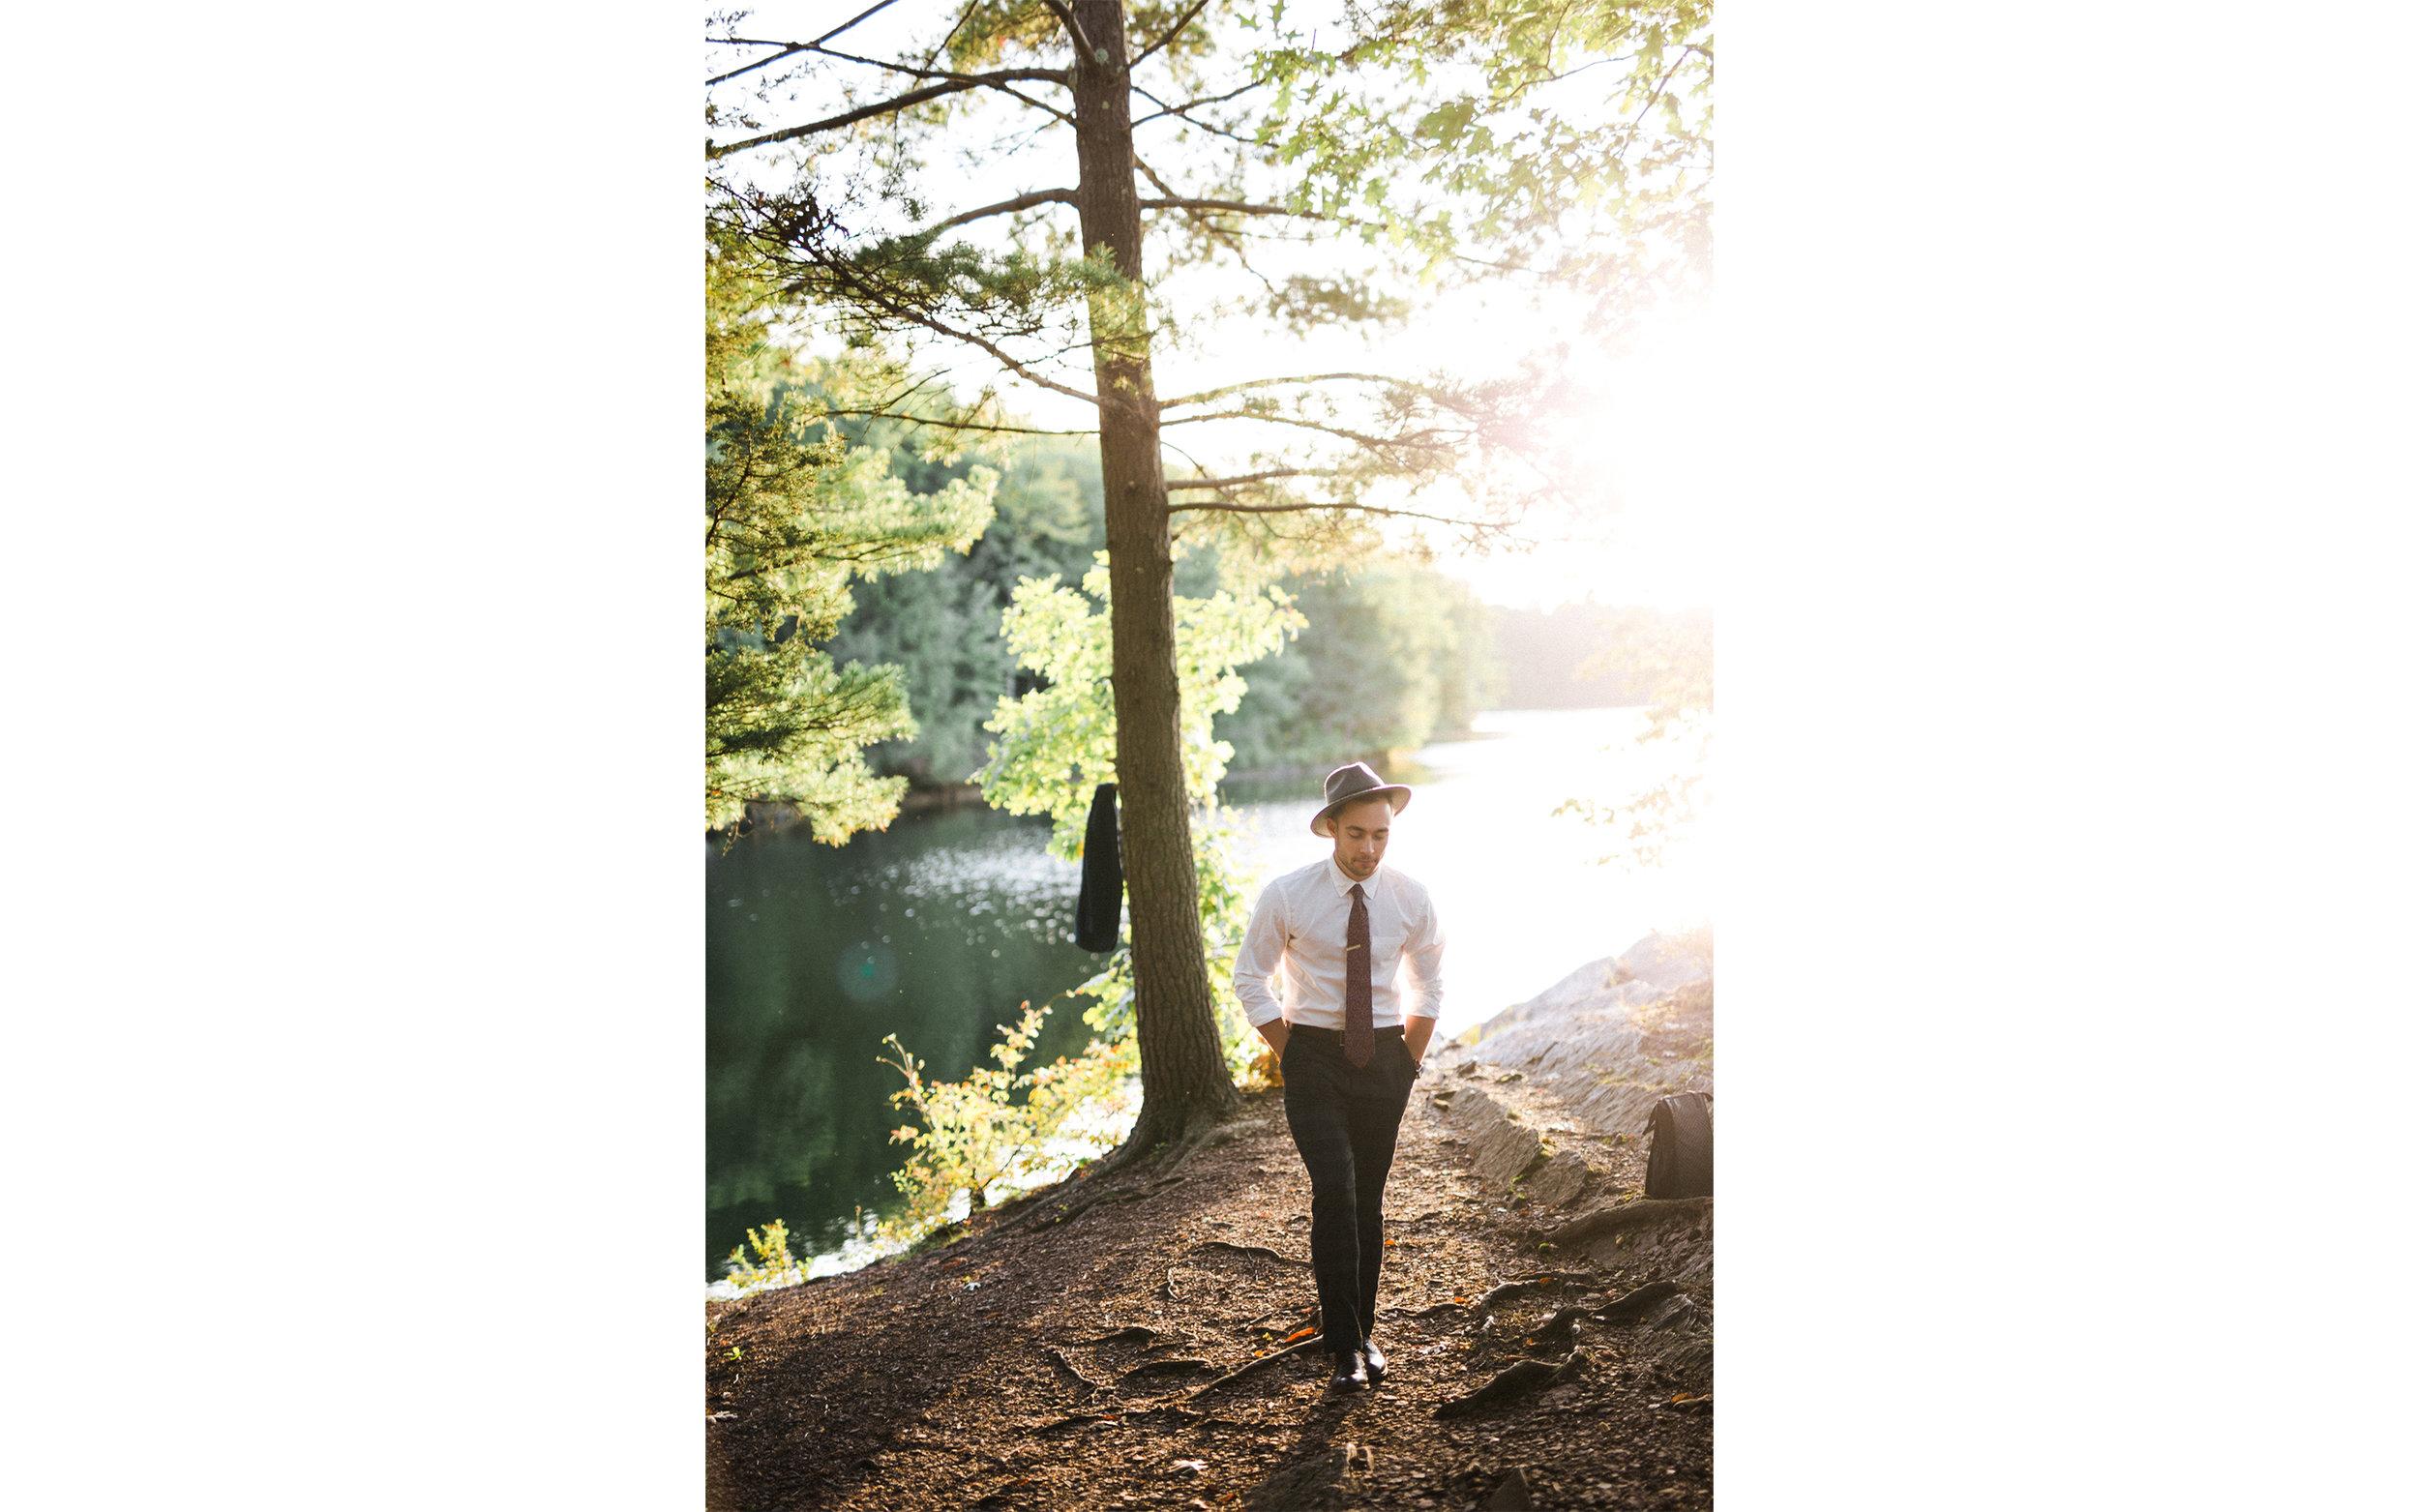 Massachusetts Woods Elopement_meg haley photographs_028.jpg